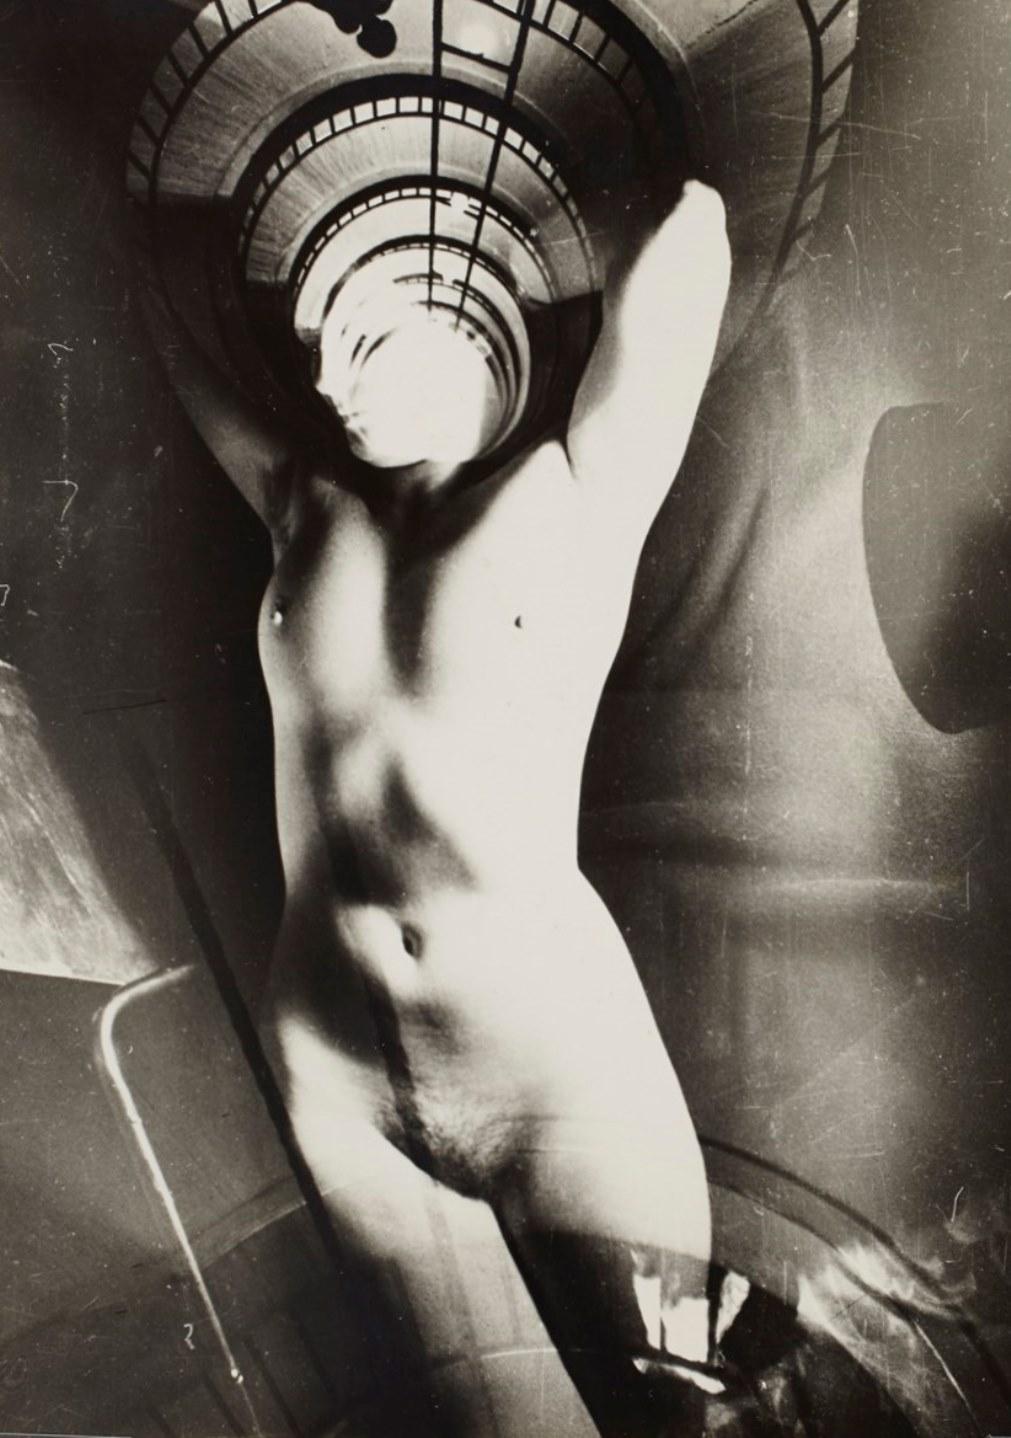 Franz Roh. Apparition 1922-1928. Via argo.net